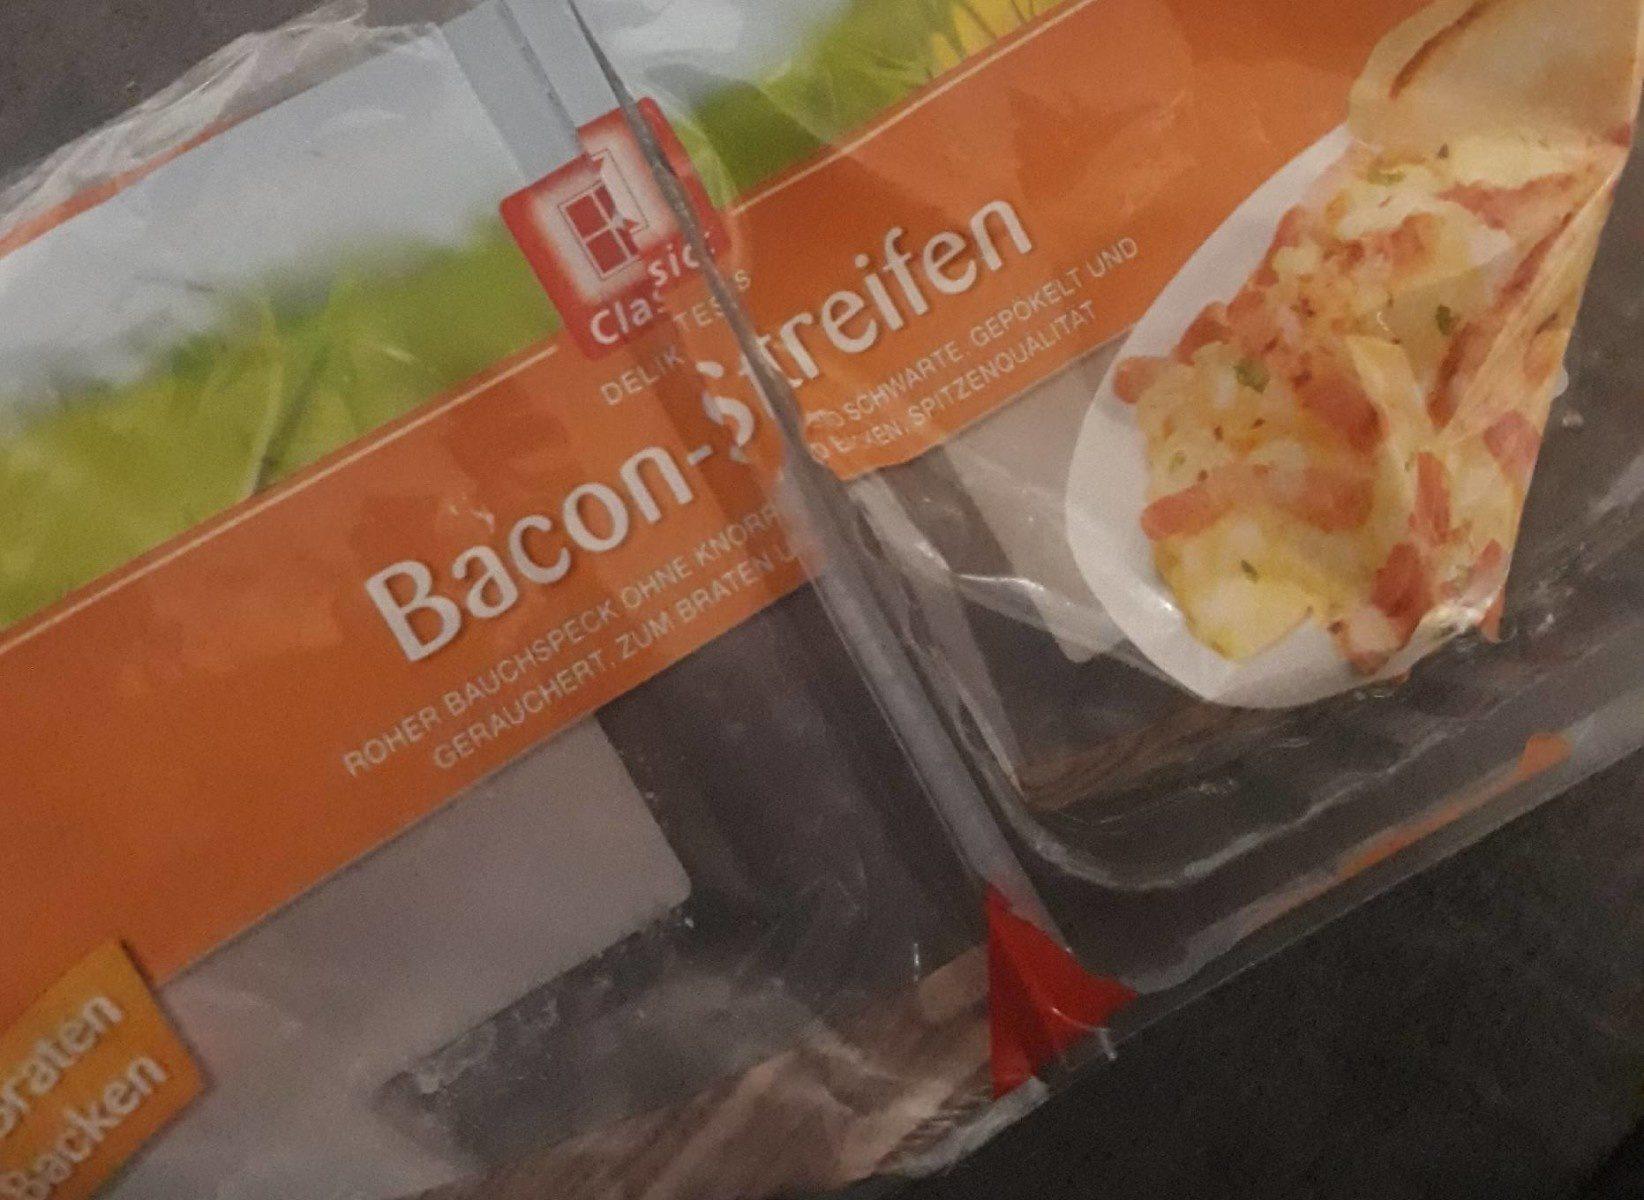 Bacon streifen - Produit